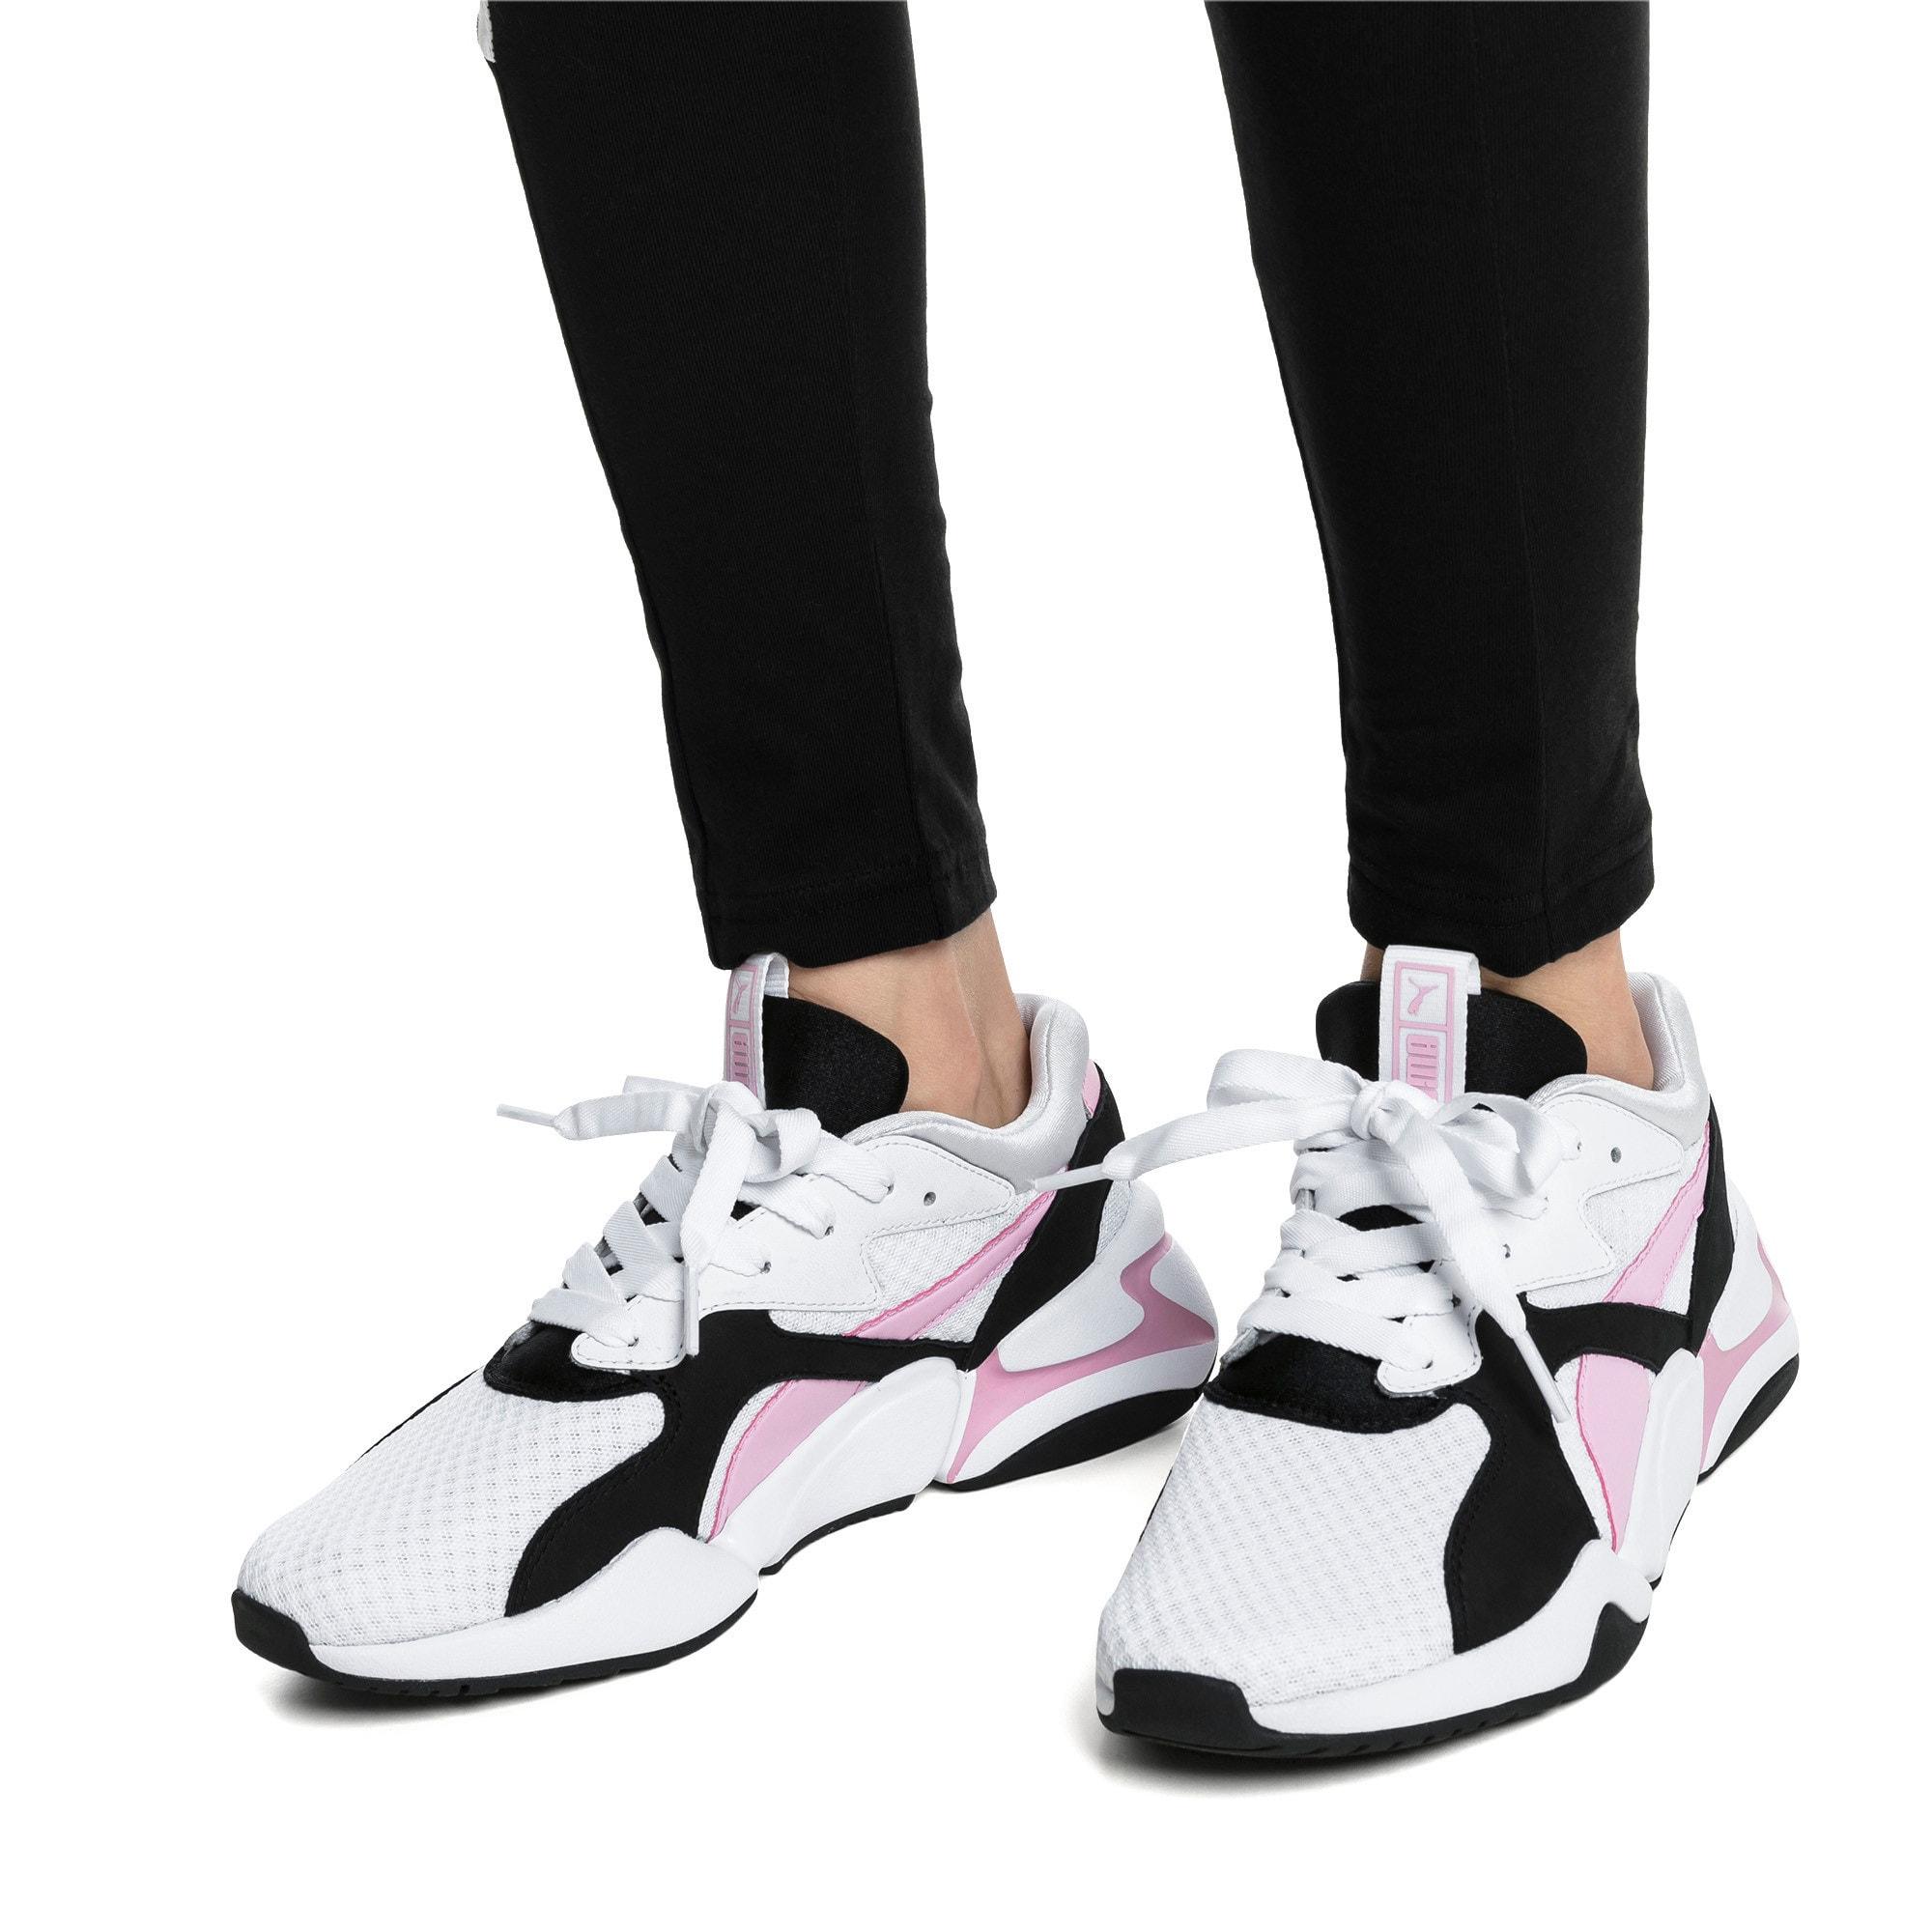 Miniatura 2 de Zapatos deportivos Nova '90s Bloc para mujer, Puma White-Pale Pink, mediano